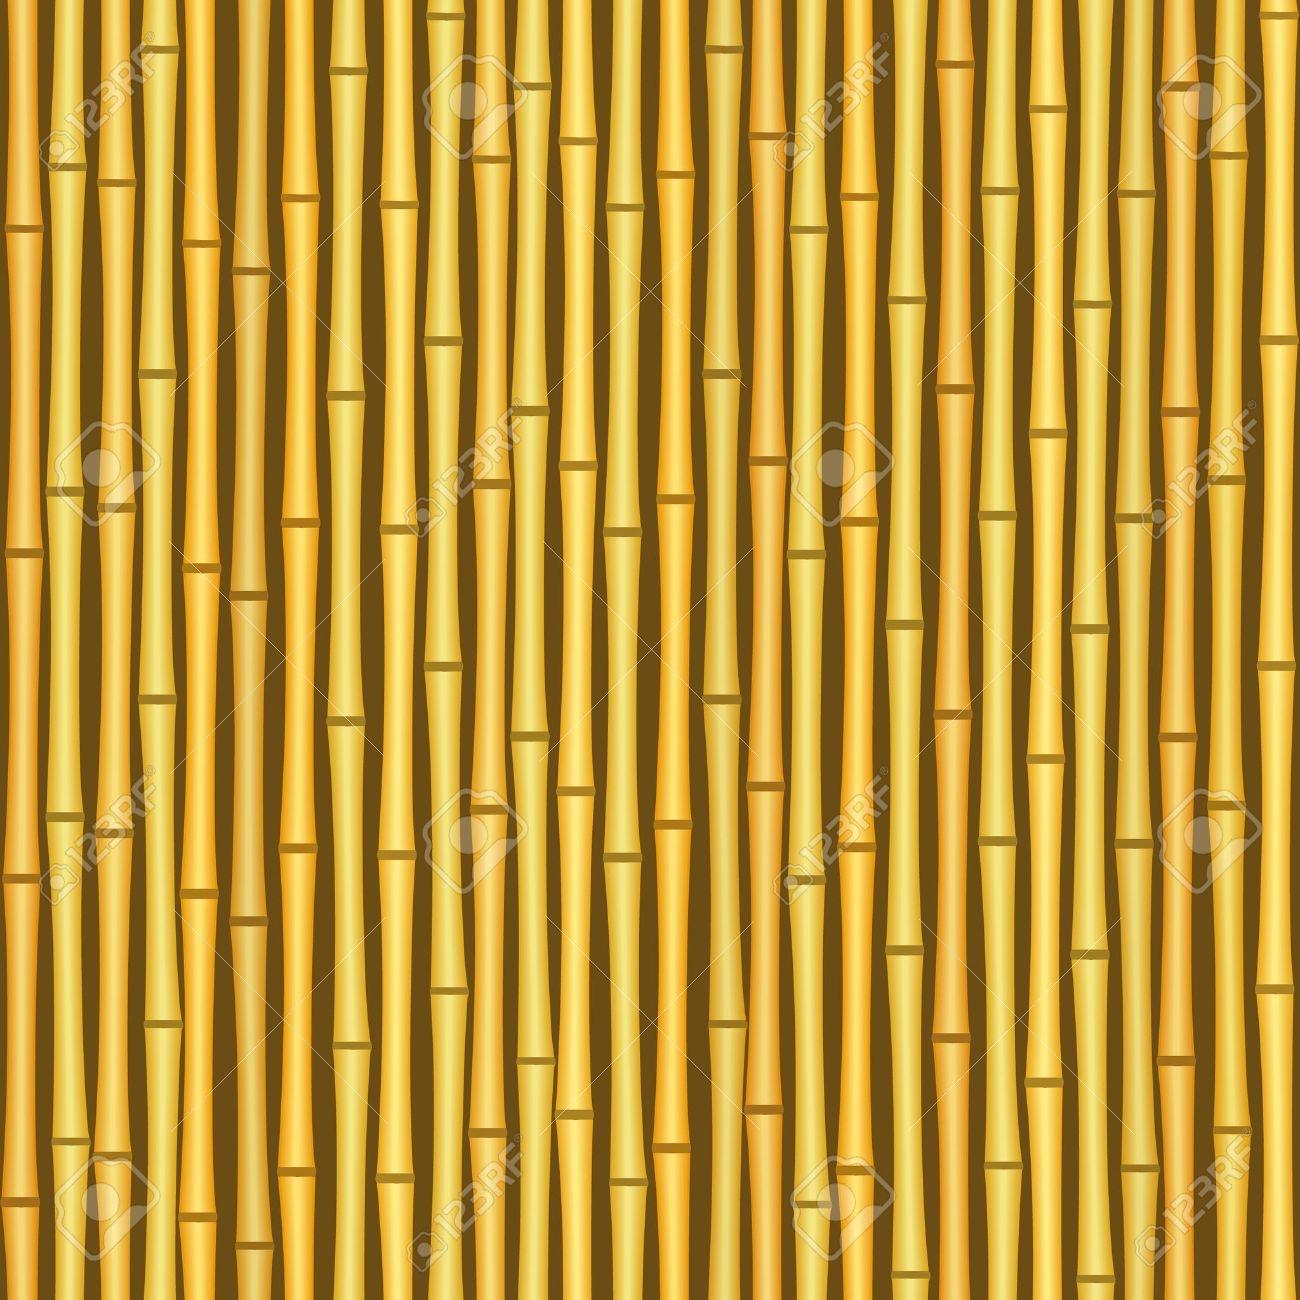 Bamboo Mat Clipart